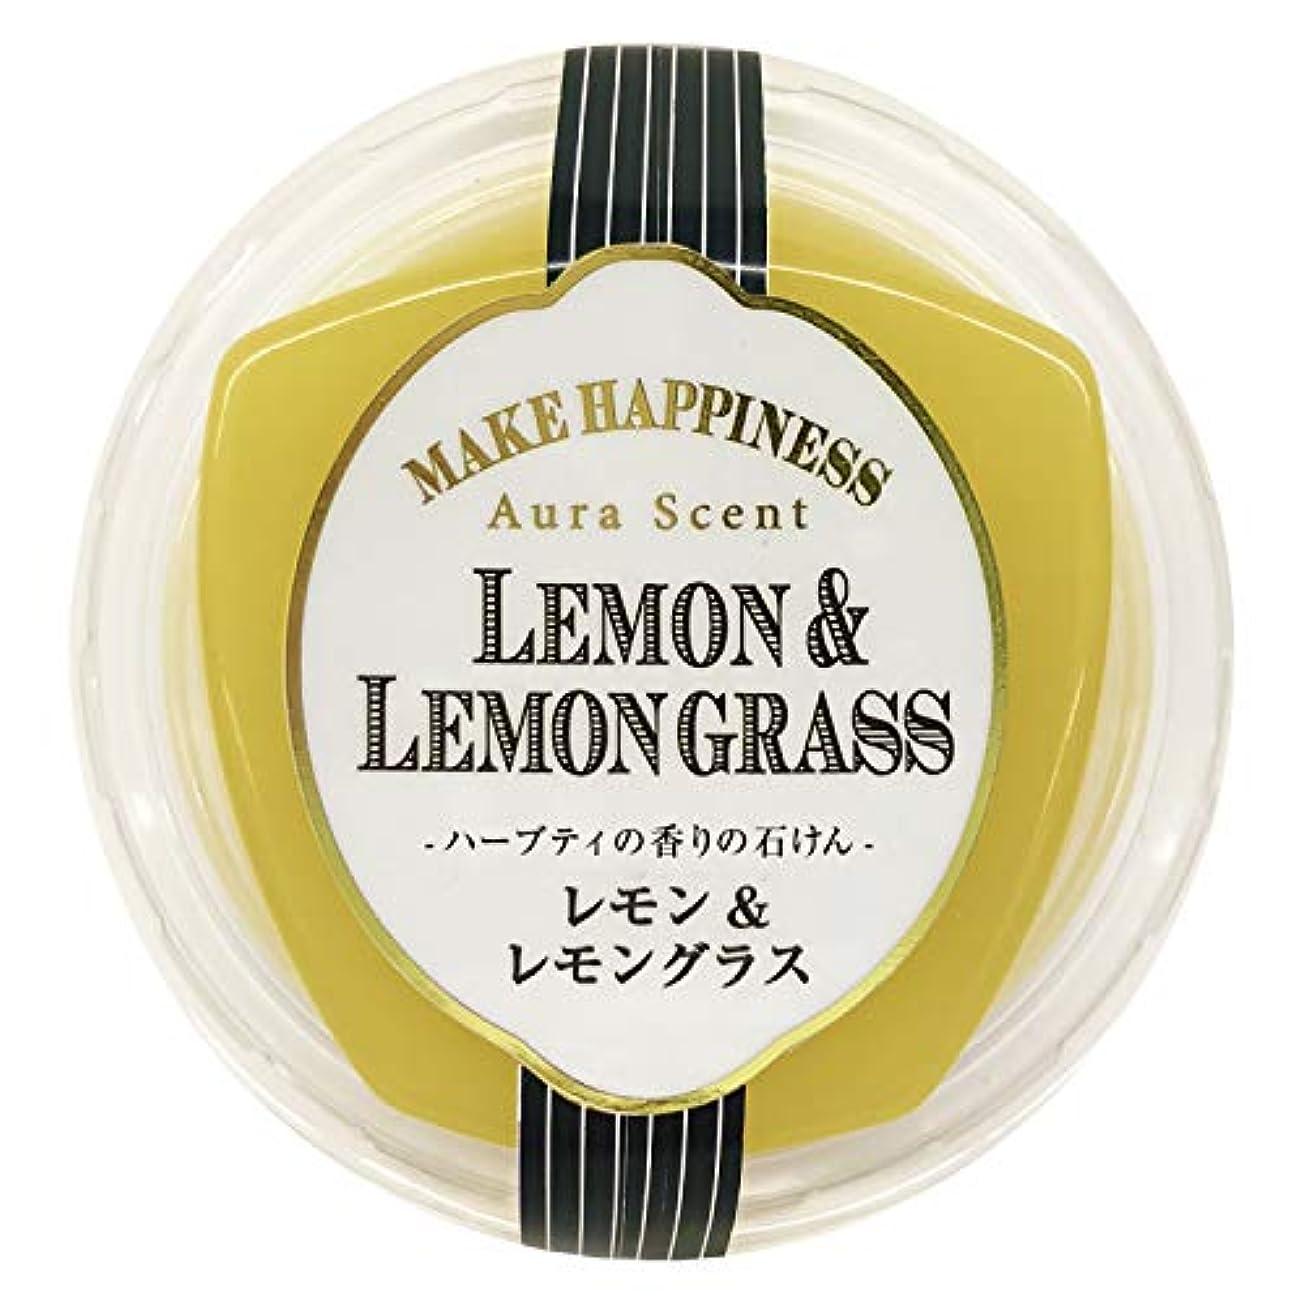 製作キロメートルシットコムペリカン石鹸 オーラセント クリアソープレモン&レモングラス 75g